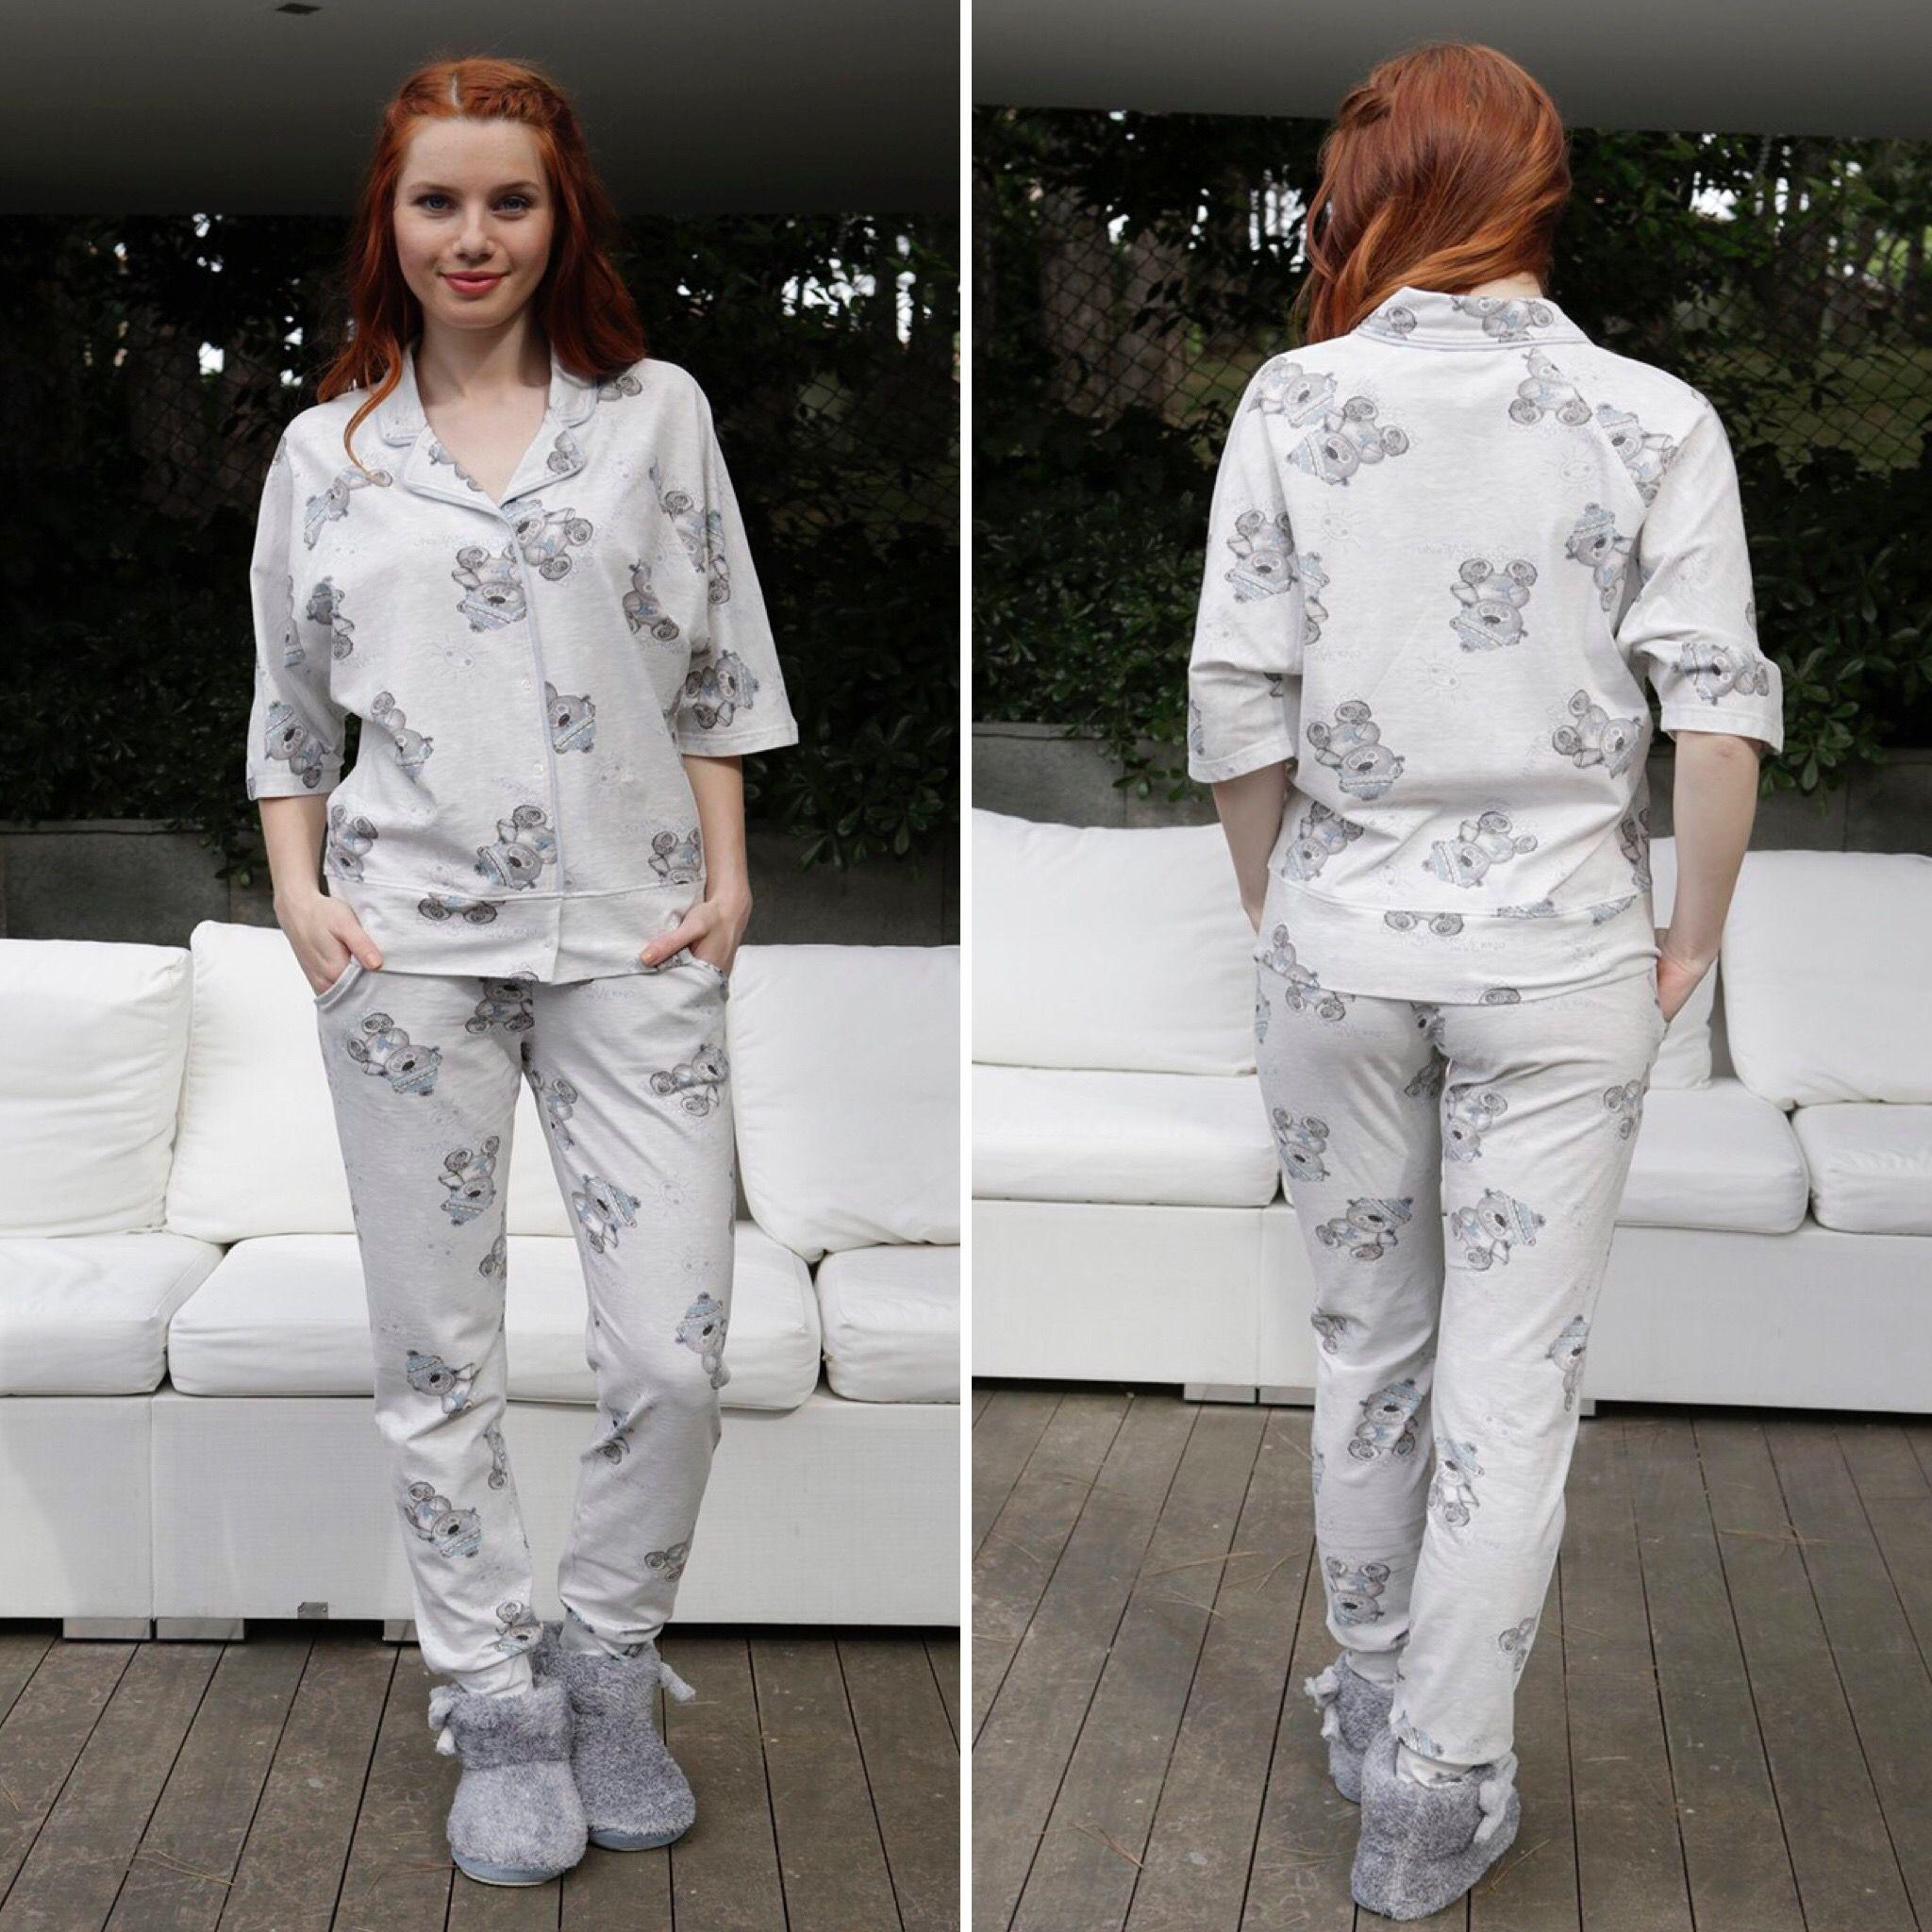 3603049a25982 Женская пижама Hays за 3490 руб. вместо 3890 руб.🎄🎄🎄 Купить можно ...